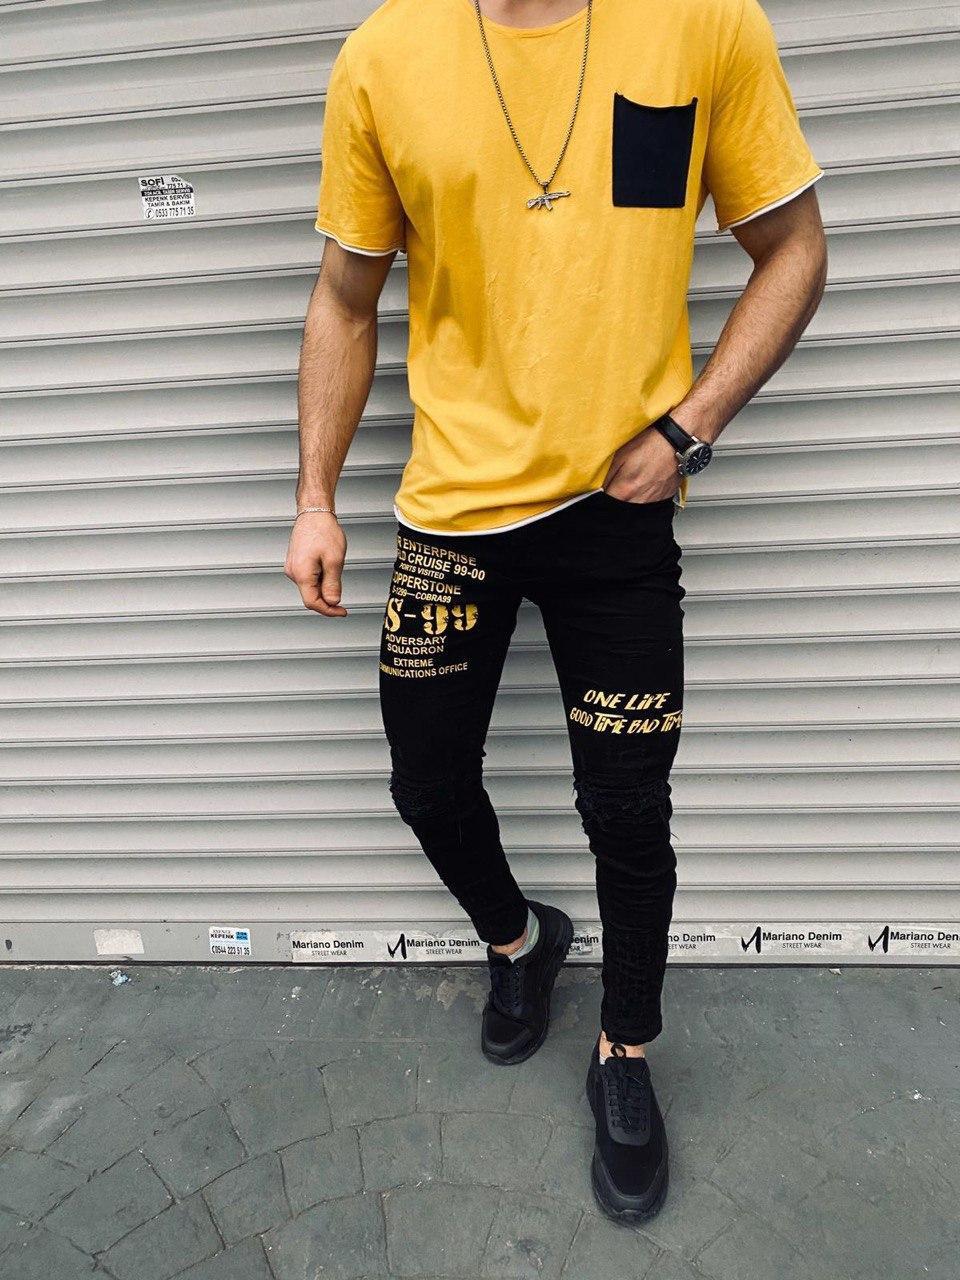 😝 Джинси - Чоловічі штани (чорні) з жовтим написом S-99